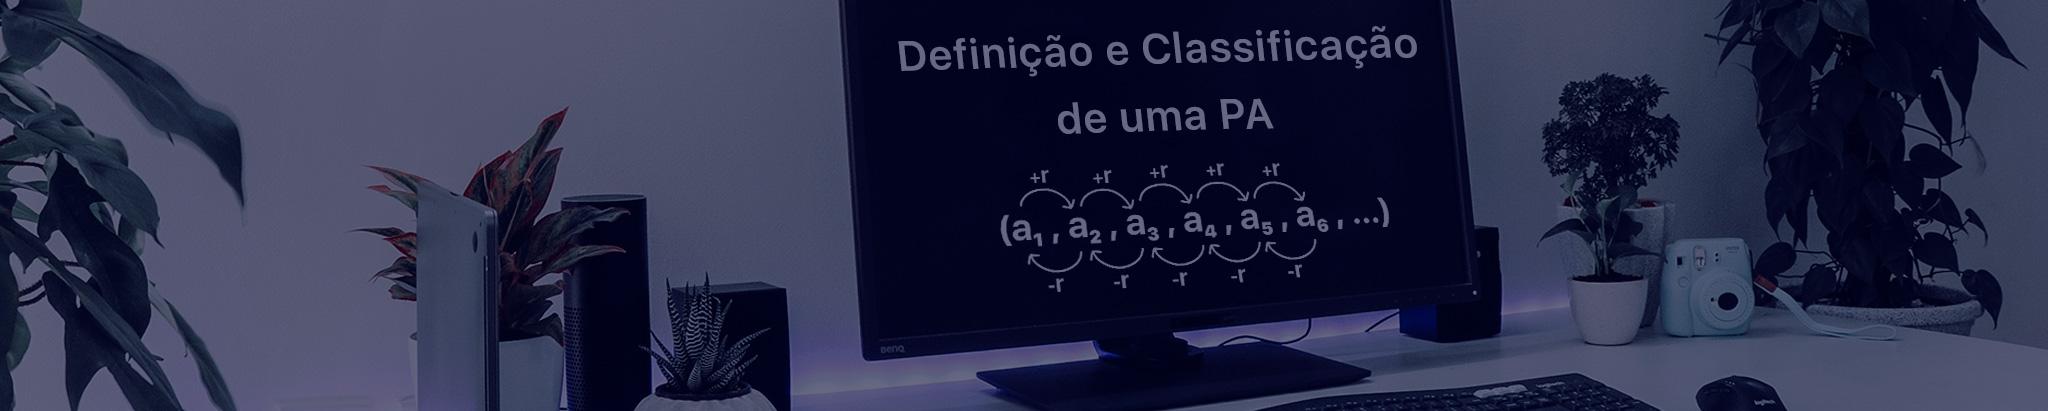 DEFINIÇÃO E CLASSIFICAÇÃO DE UMA PROGRESSÃO ARITMÉTICA (PA)